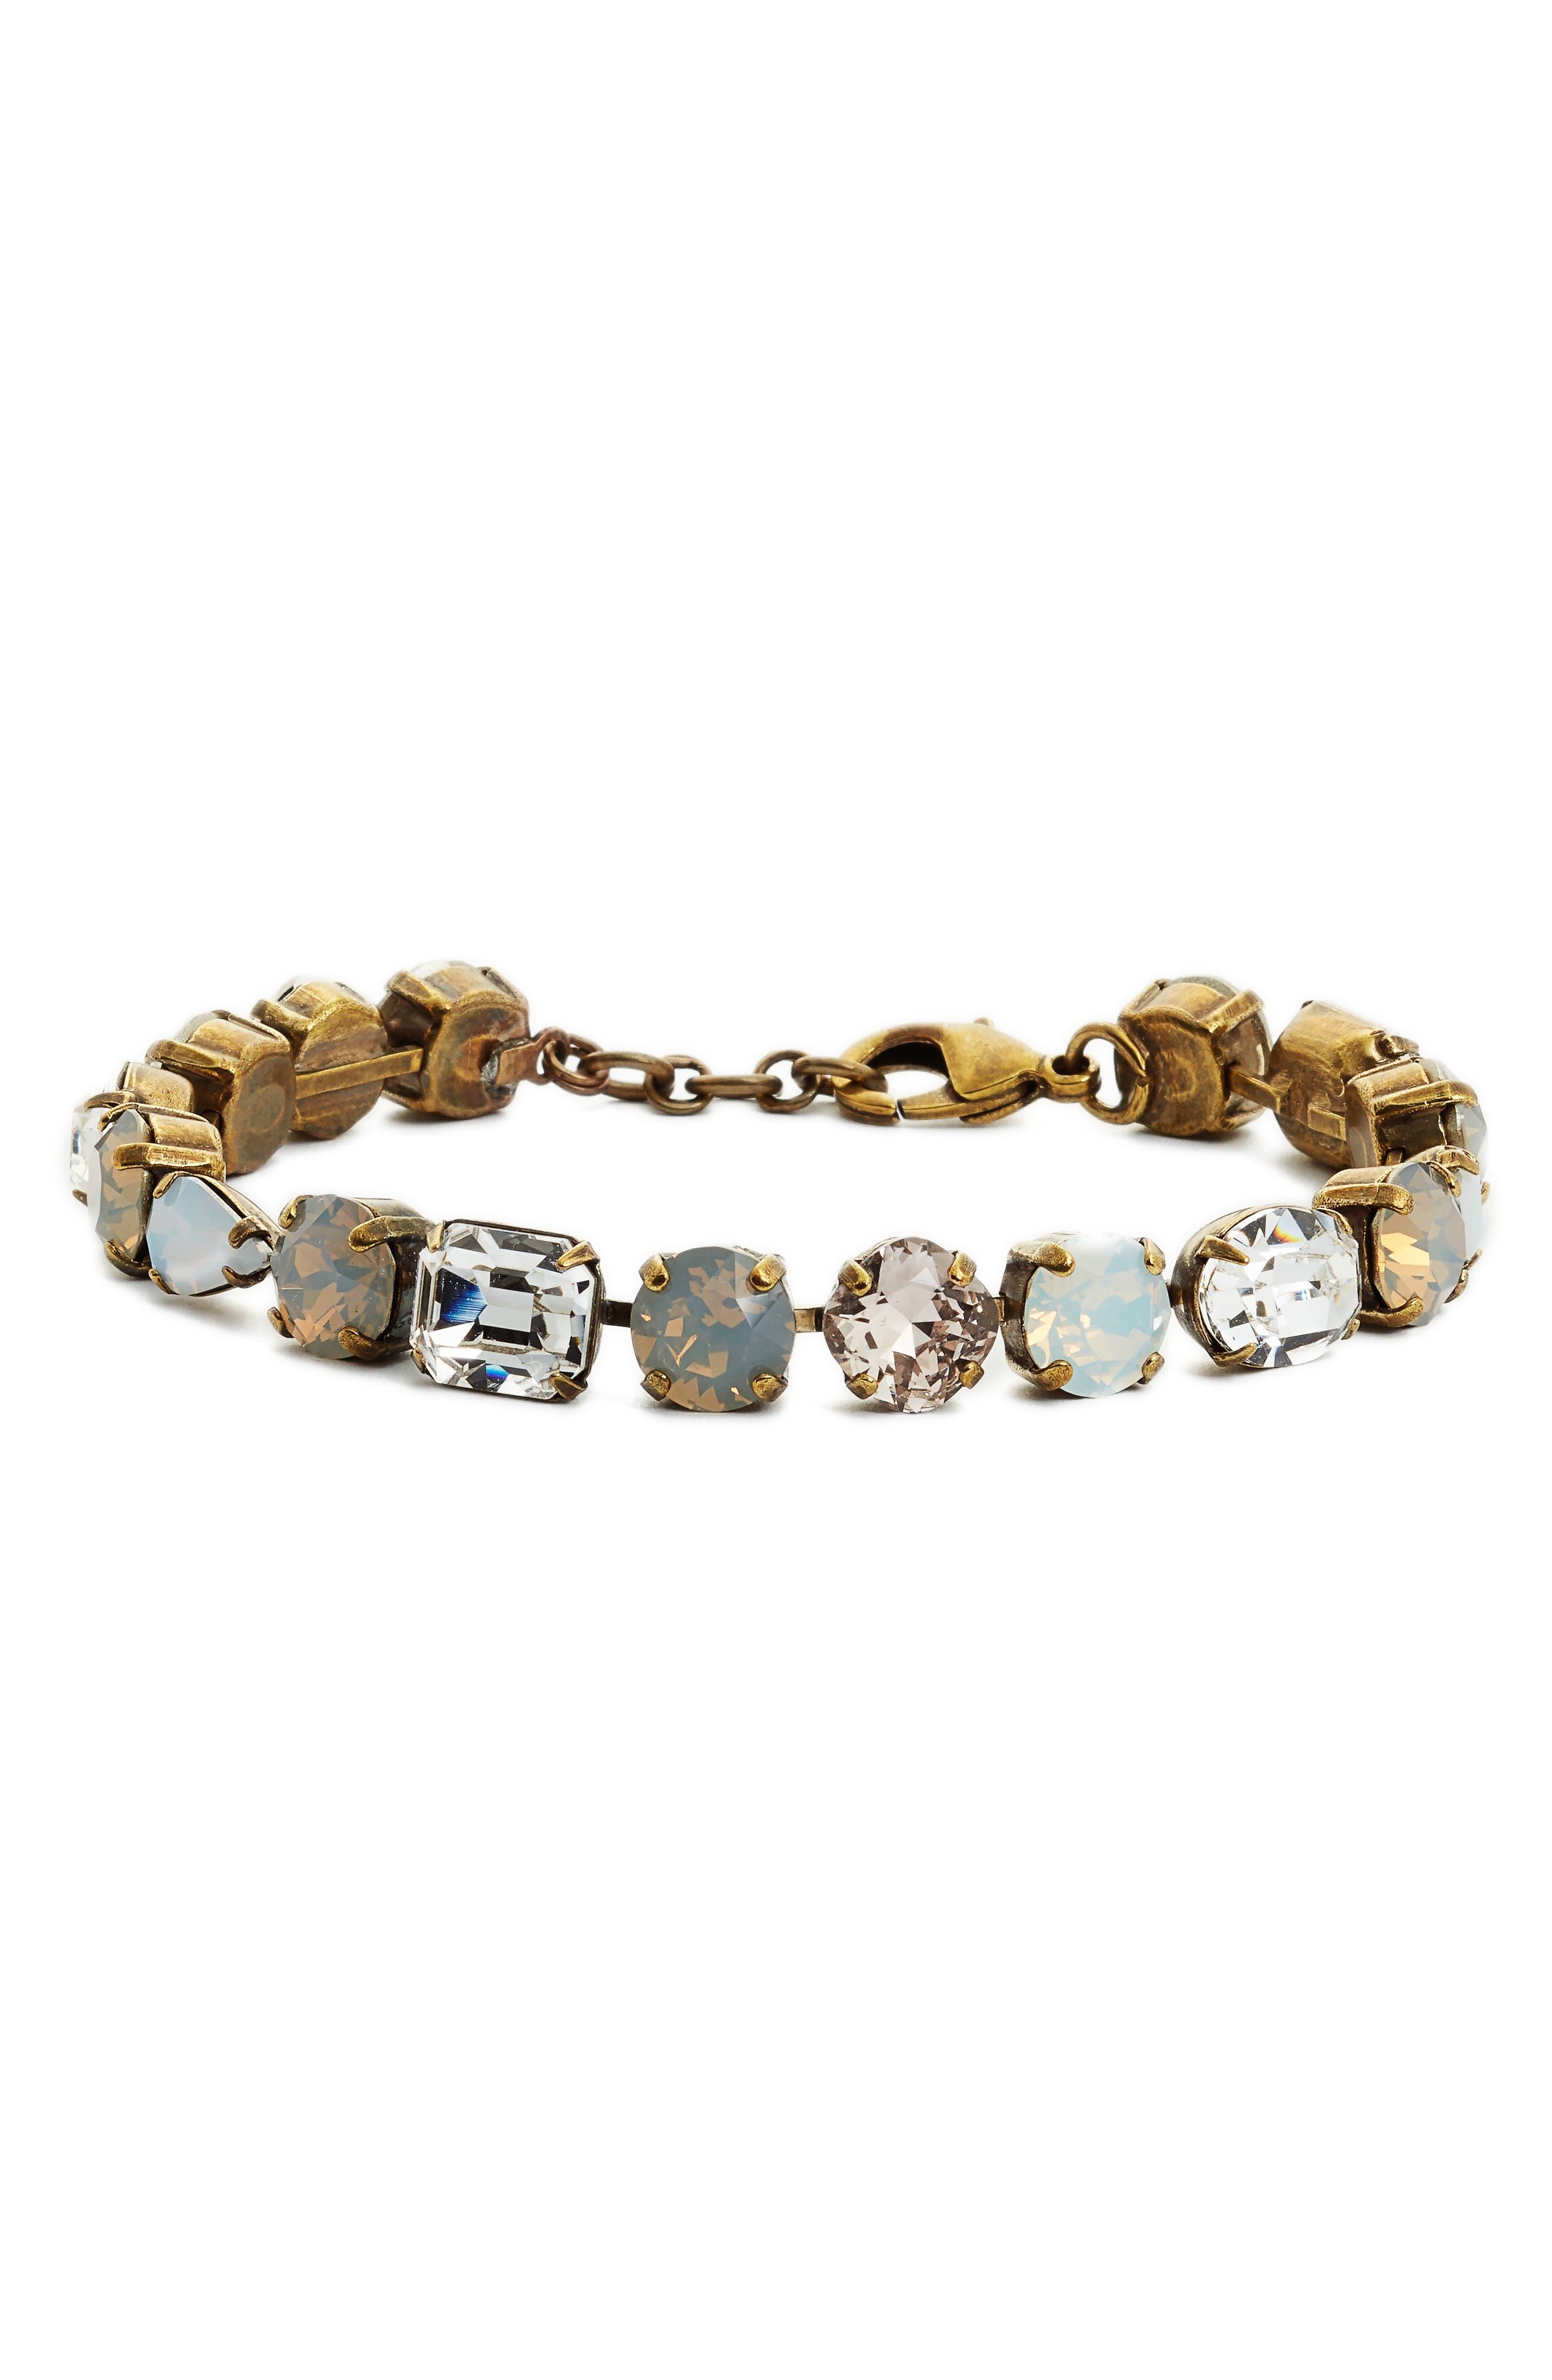 Clover Crystal Bracelet,                         Main,                         color, Clear/ Gray